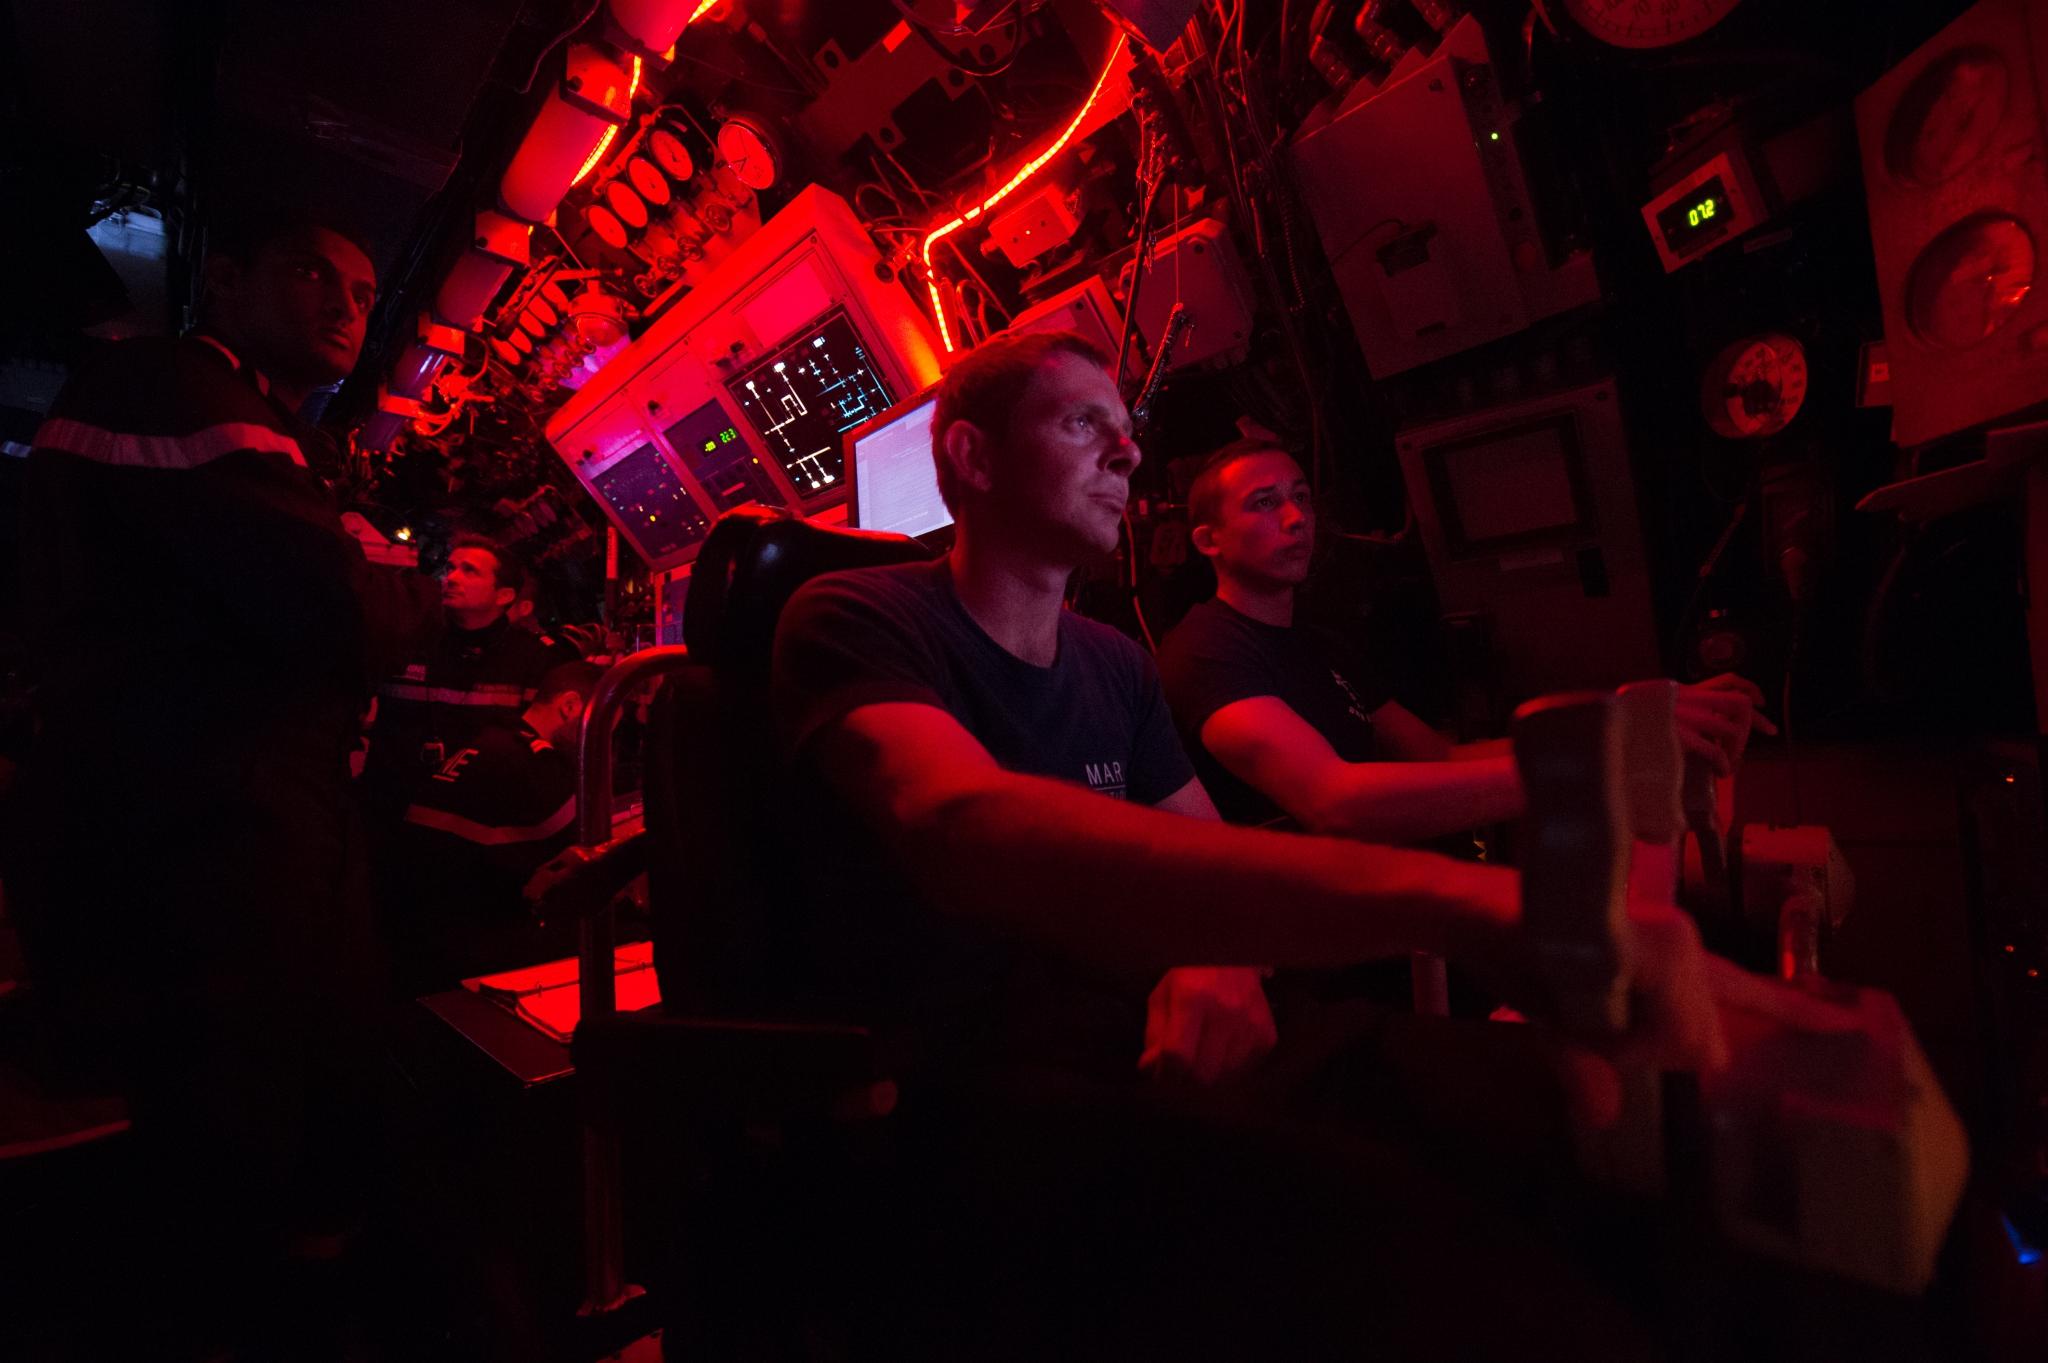 livre,immersion,sous-marin,mer,marine,militaire,marine nationale,embarquement,embarquée,embedded,journaliste,reporter,reportage,à bord je n'étais pas ls bienvenue,nathalie guibert,edition paulsen